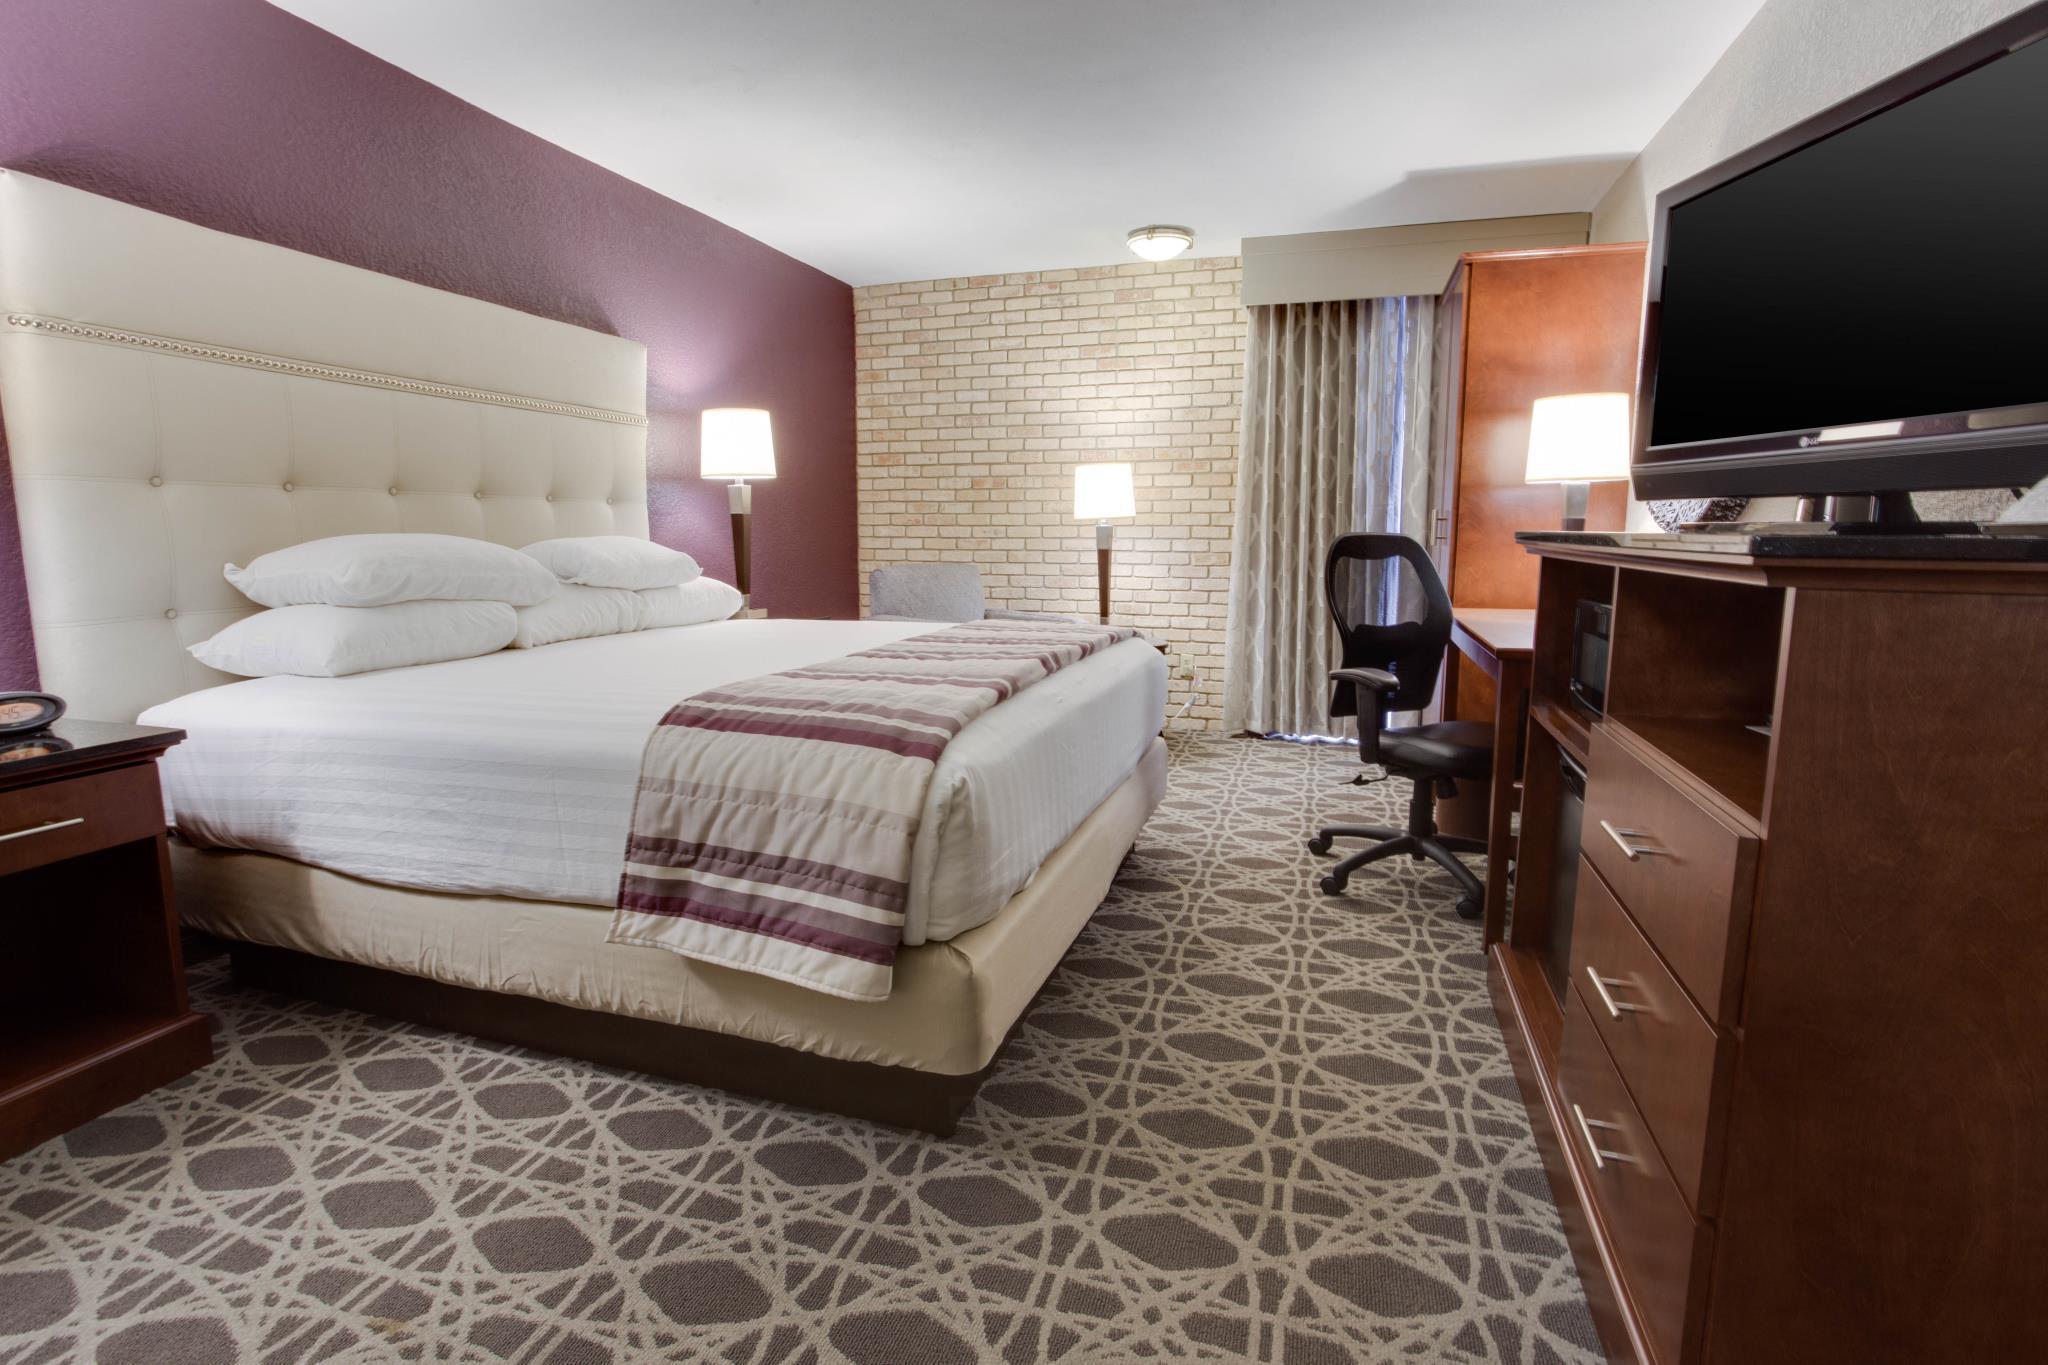 Best Price On Drury Inn And Suites San Antonio Airport In